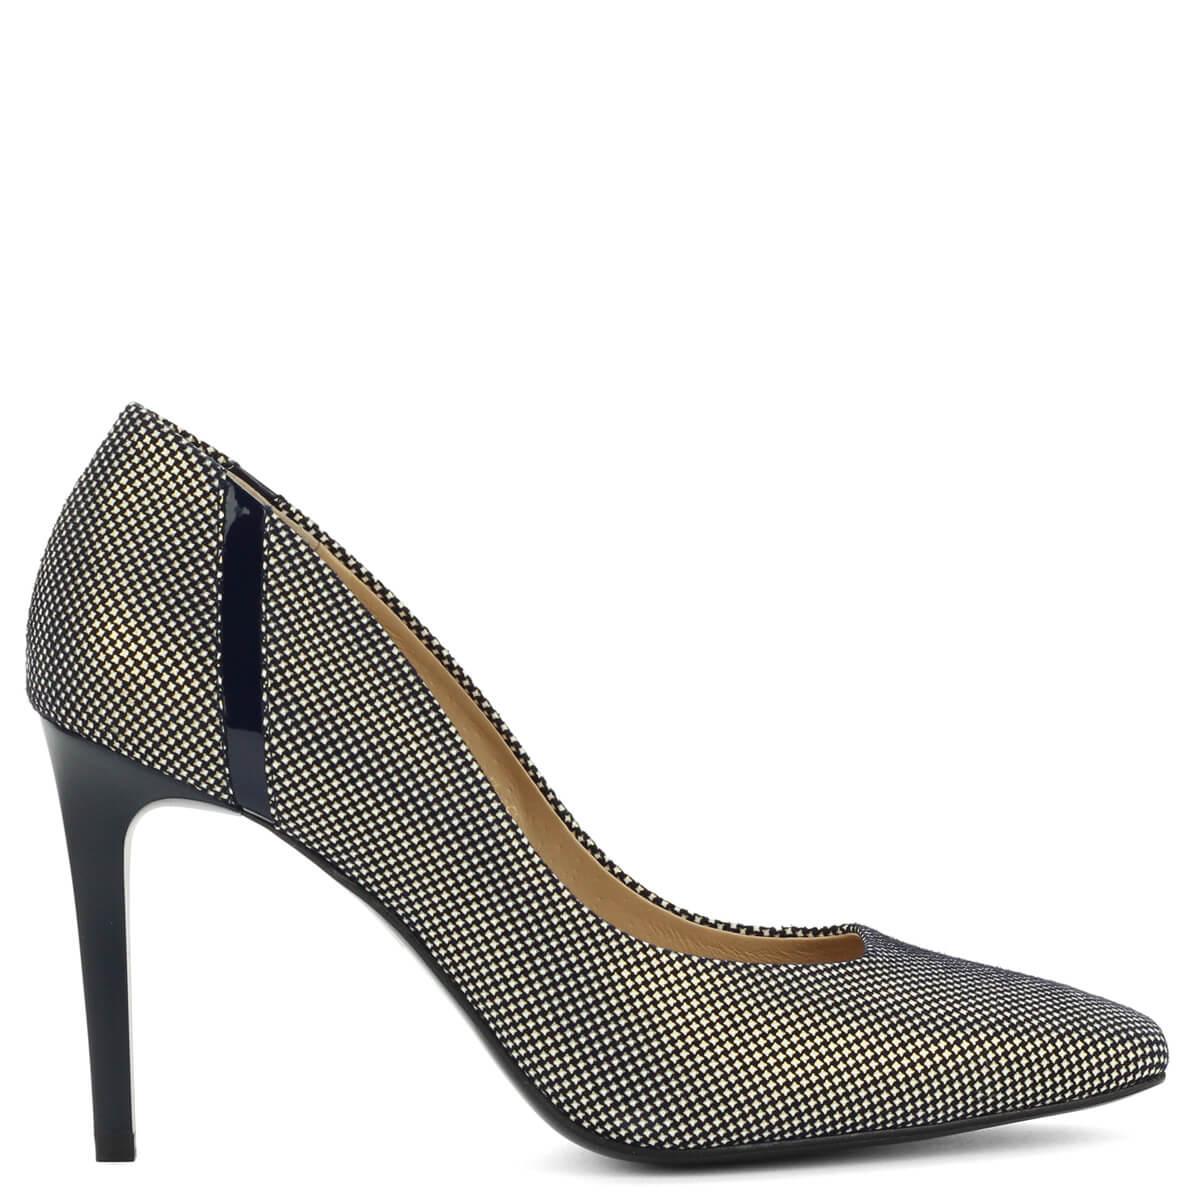 60c14d6d96a3 Anis vágott orrú apró mintás magassarkú cipő kék színben. A mintázat színe  fehér és arany ...